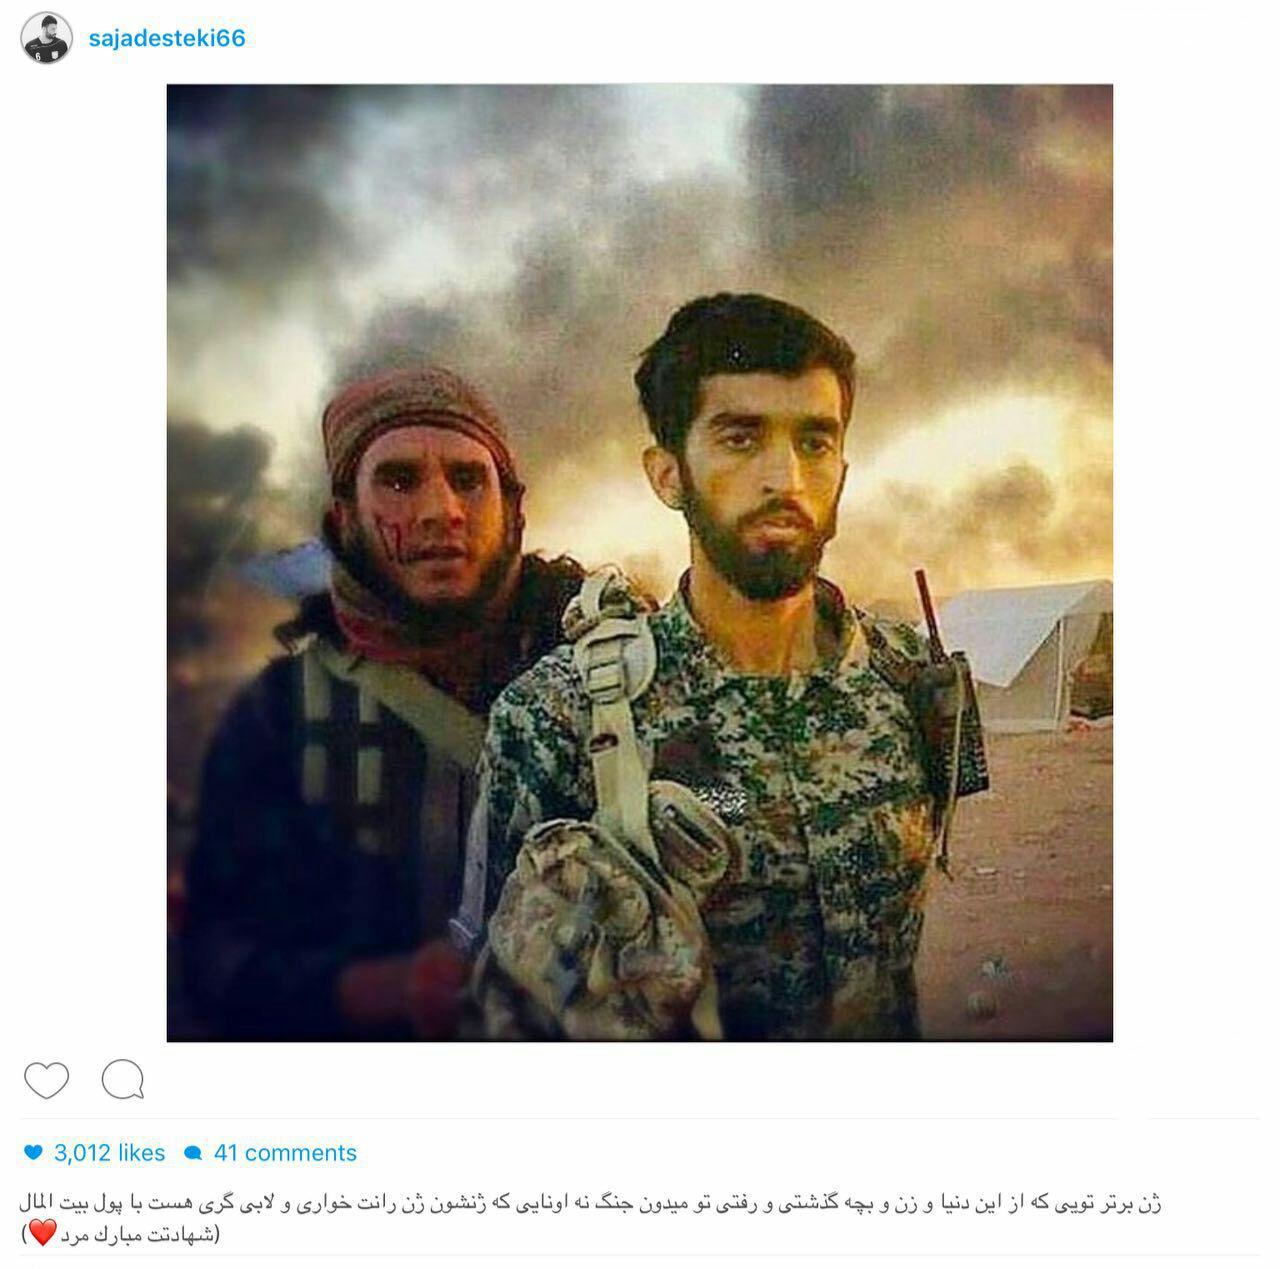 واکش لژیونر هندبال ایران به شهادت محسن حججی